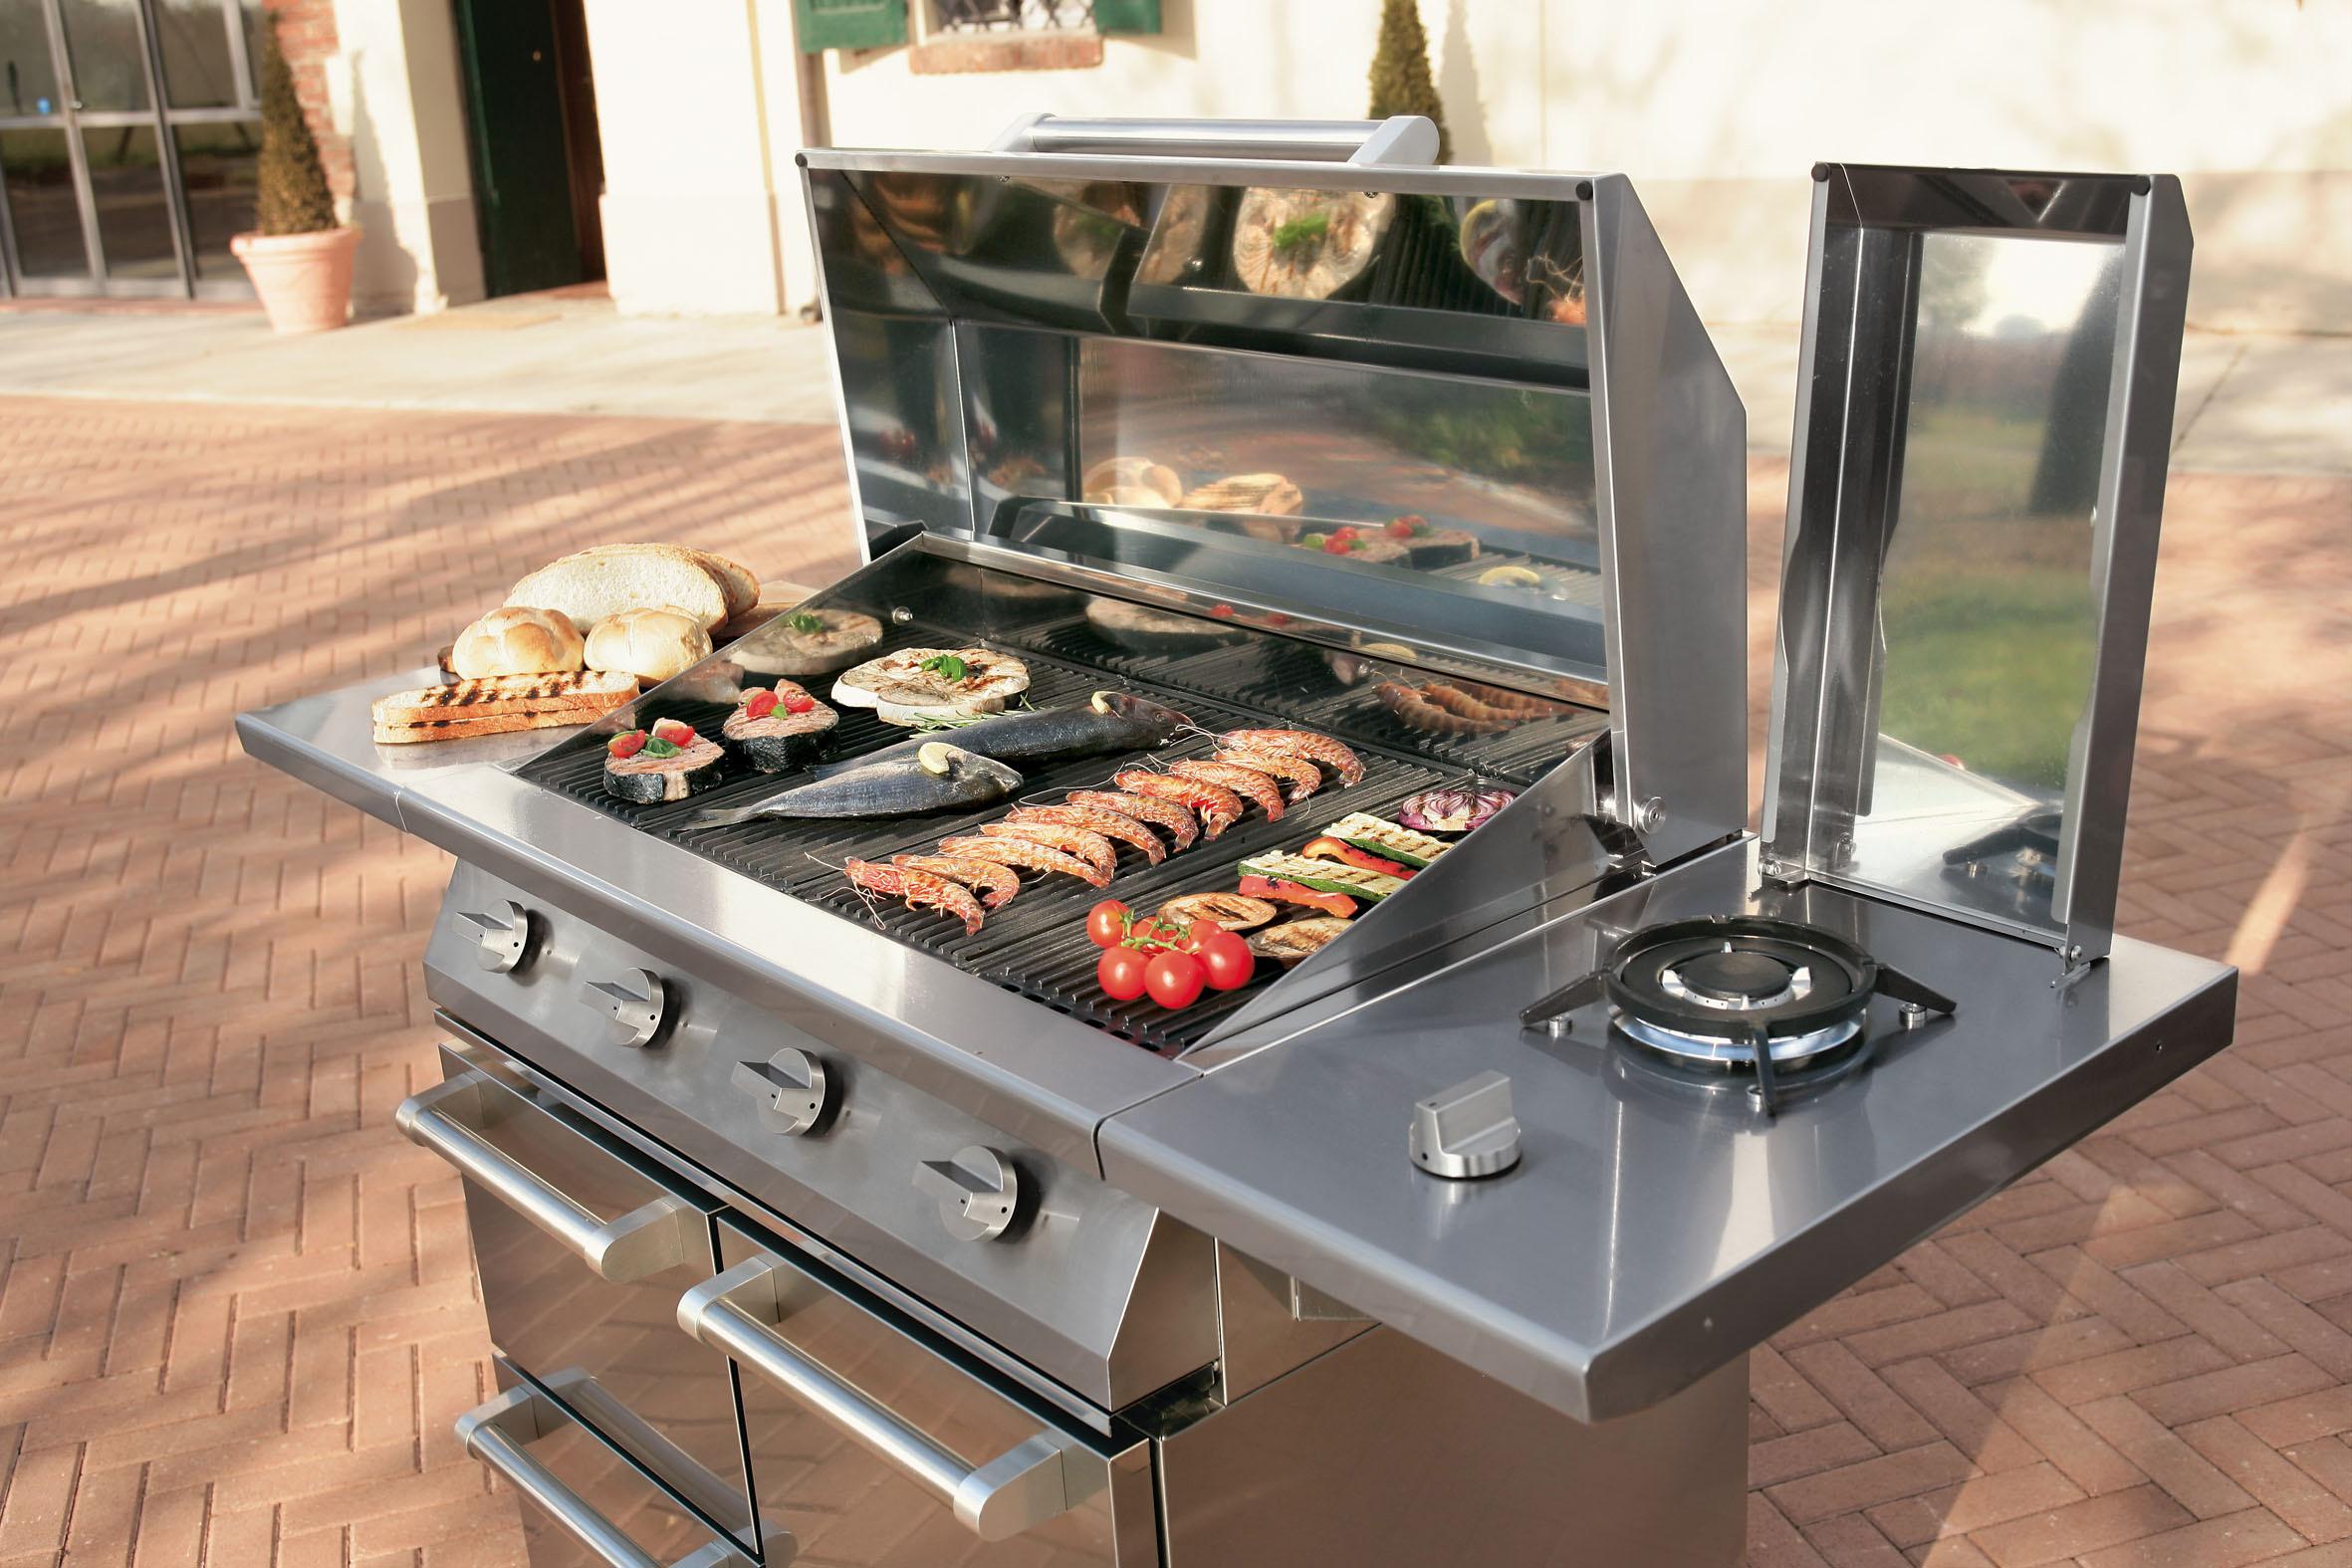 Buitenkeuken BBQ met uitbreidingsmogelijkheden met modular system van kasten, lades en meer. Steel Cucine #buitenkeuken #tuin #steelcucine